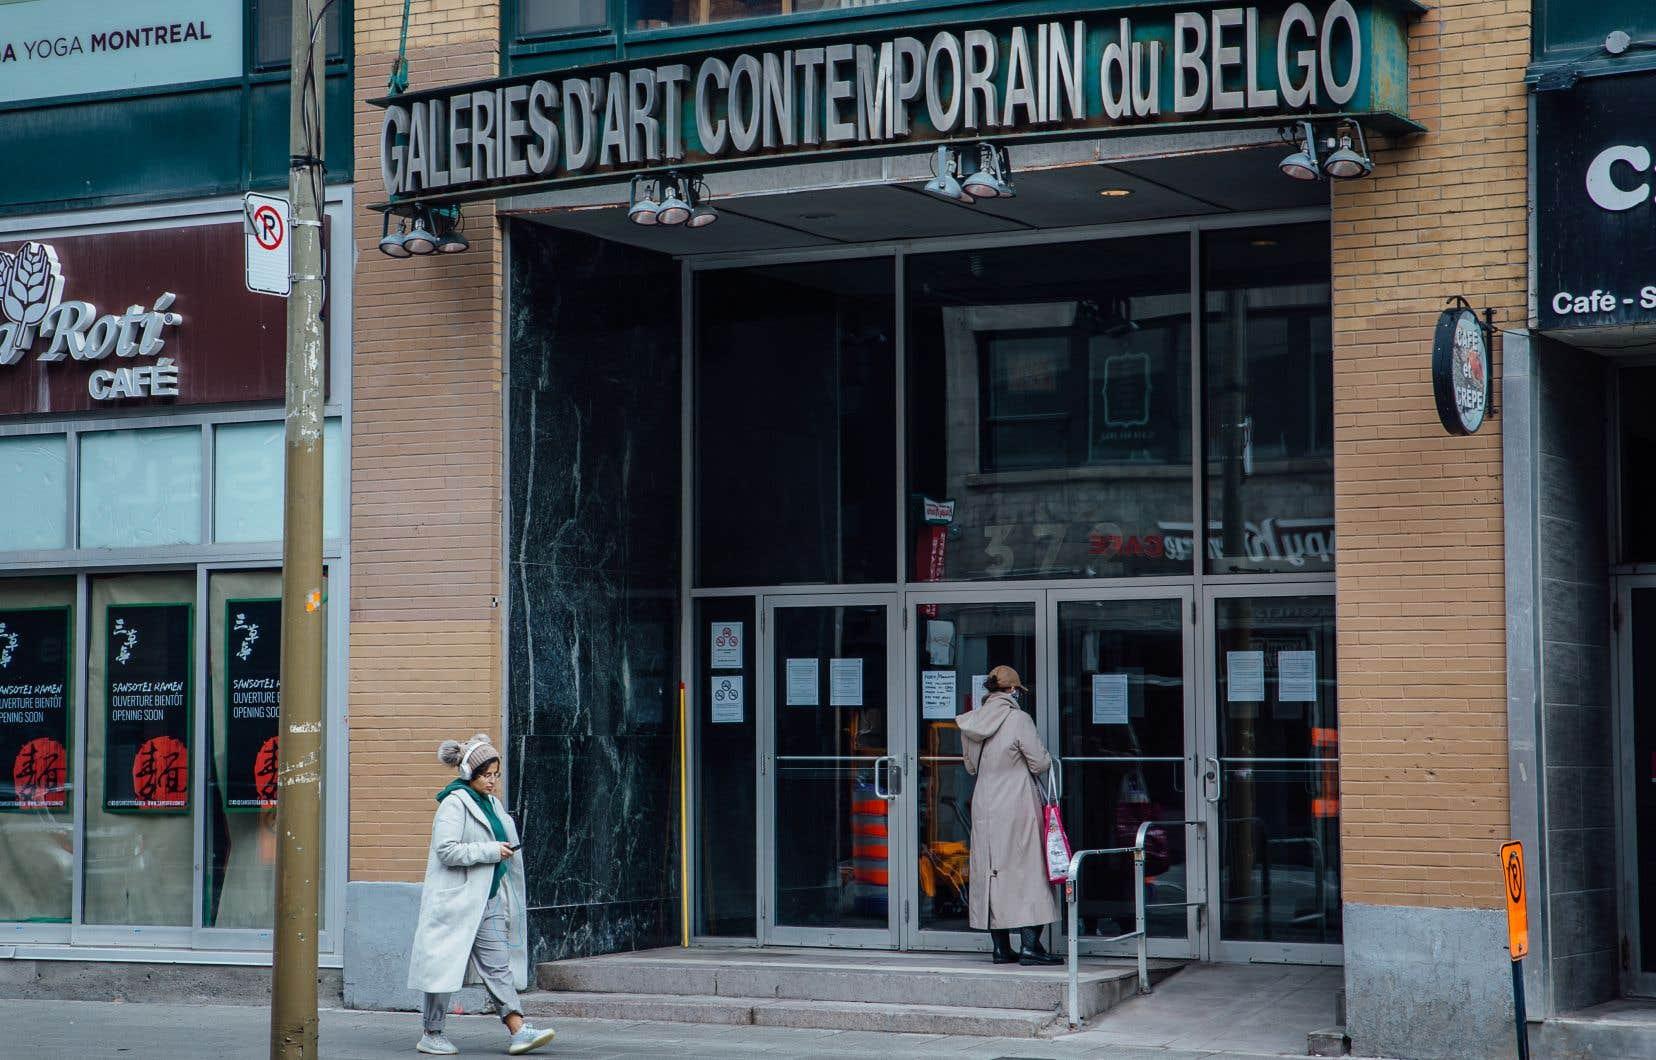 L'Édifice du Belgo, rue Sainte-Catherine à Montréal, où se trouve notamment la galerie de photographie La Castiglione, est fermé en raison de la pandémie de COVID-19.